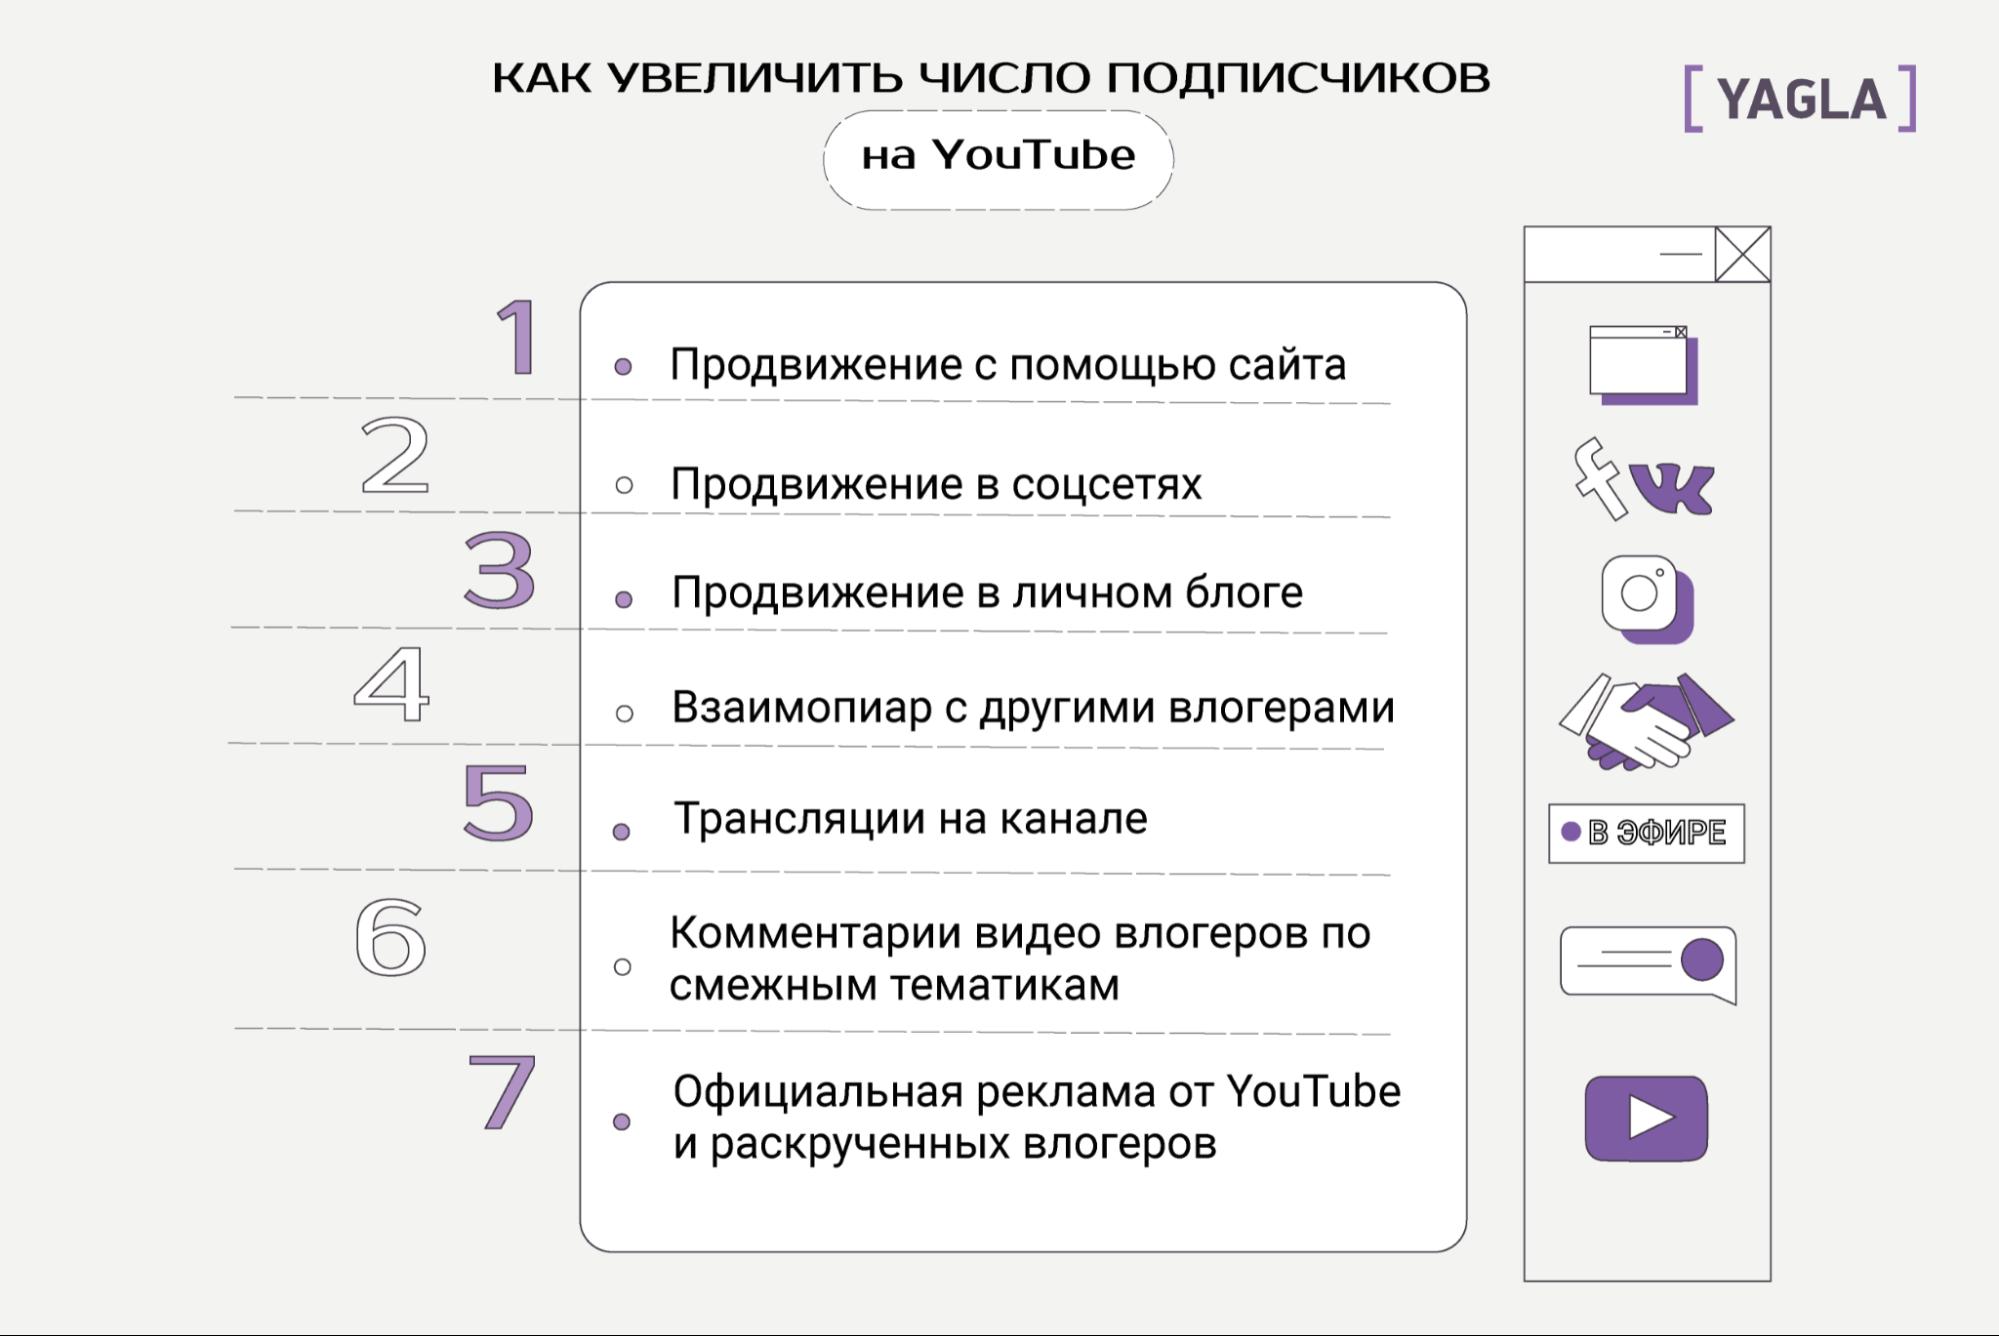 Как увеличить число подписчиков на YouTube